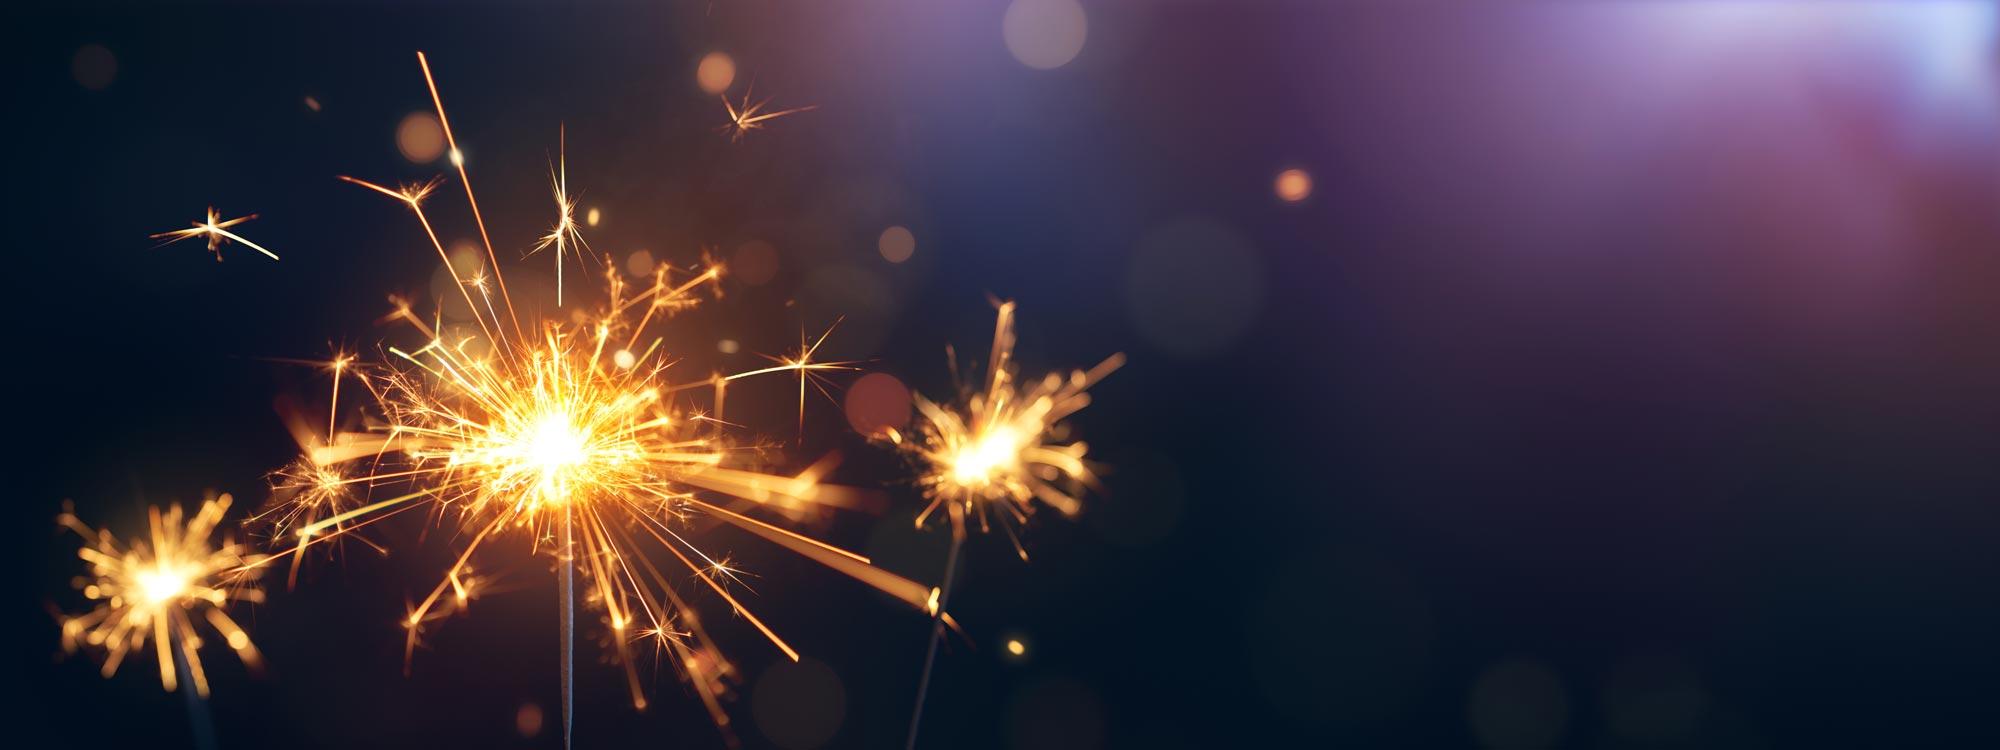 Sparklers at a celebration or festival